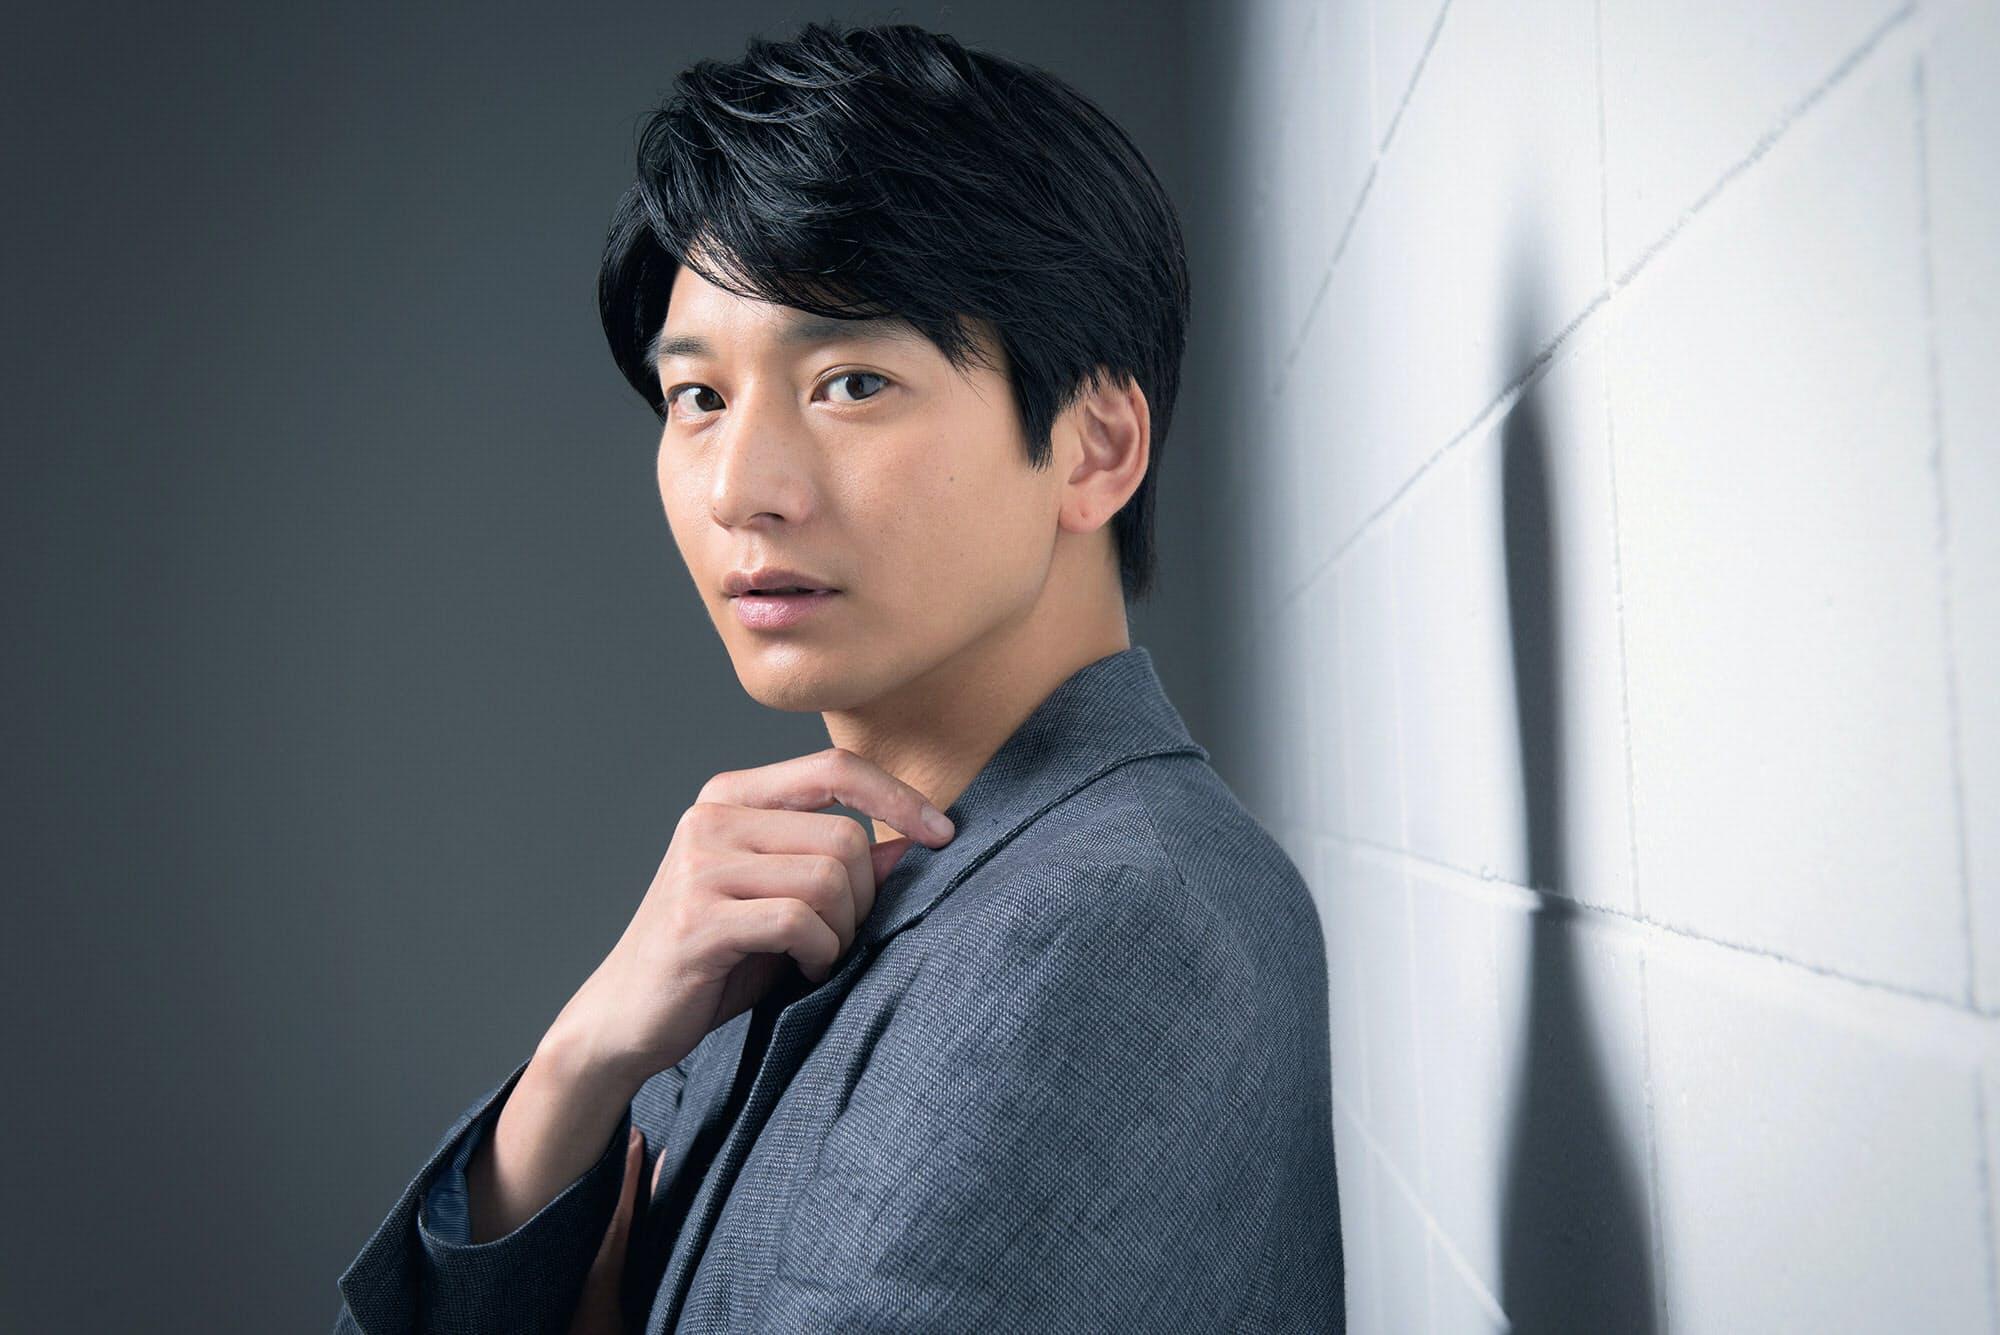 真的不是双胞胎吗?网友票选撞脸的日本明星TOP 10(7)_游侠网Ali213.net